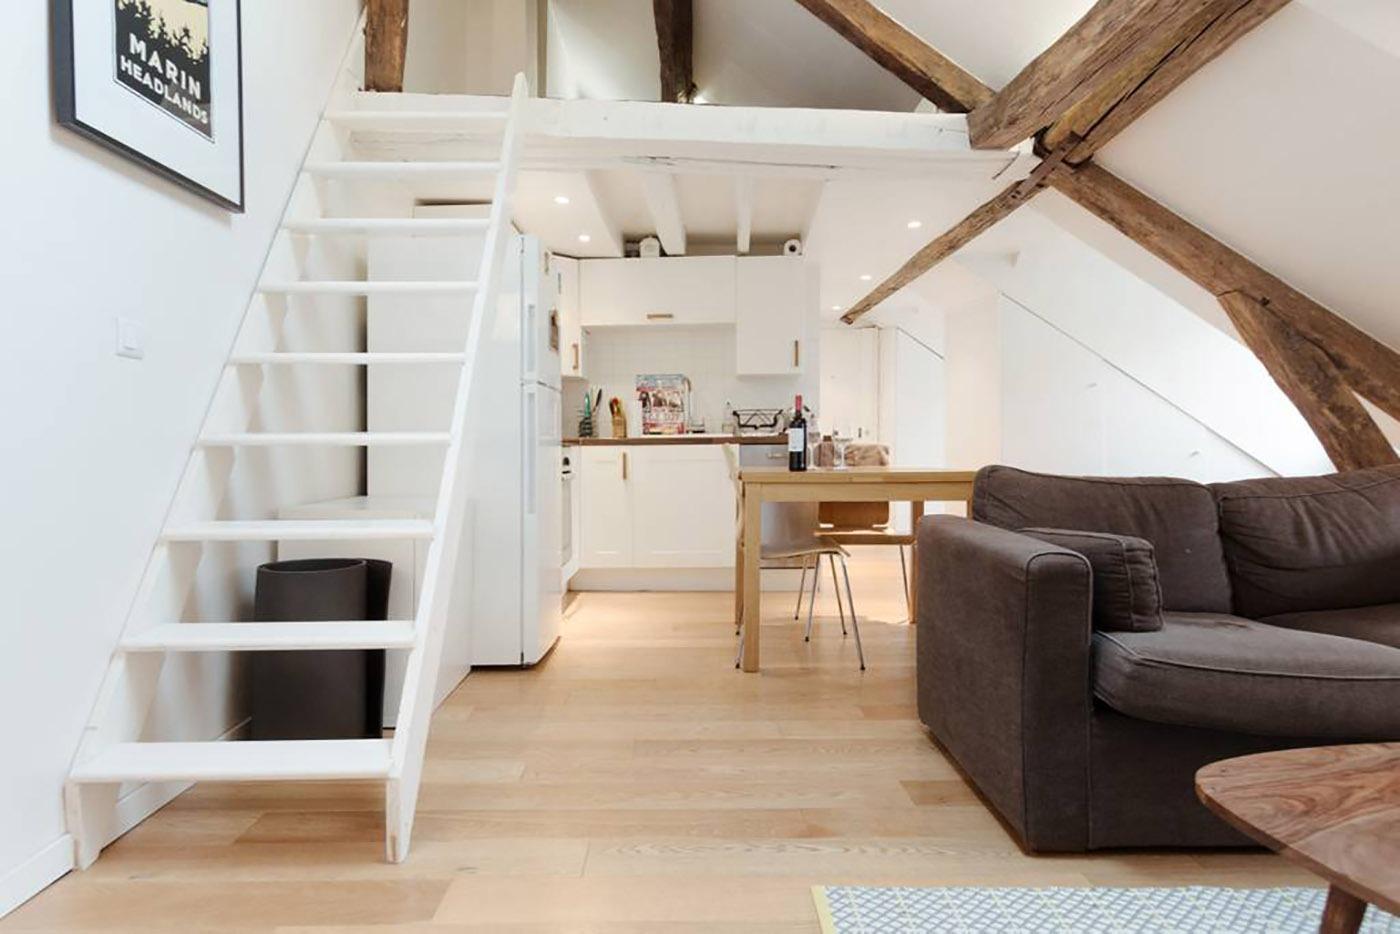 airbnb in st germain 3